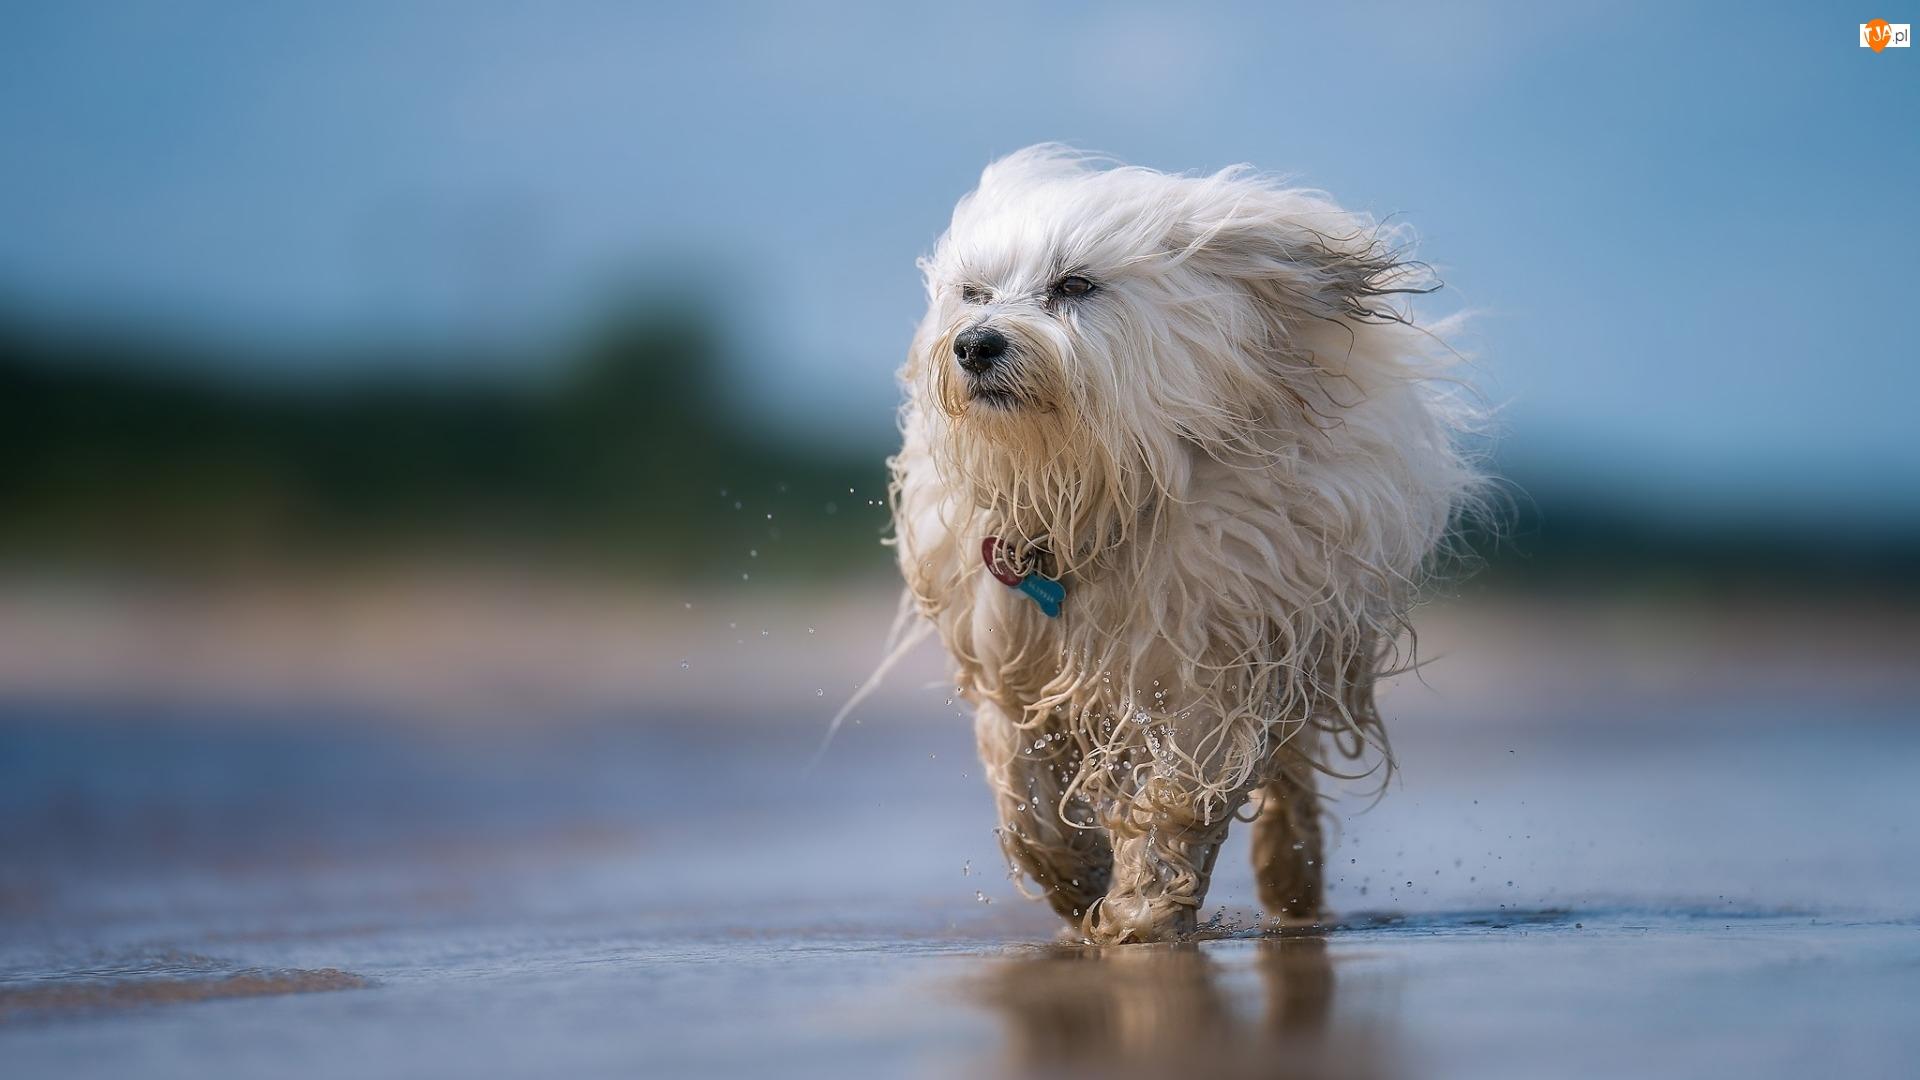 Woda, Pies, Hawańczyk